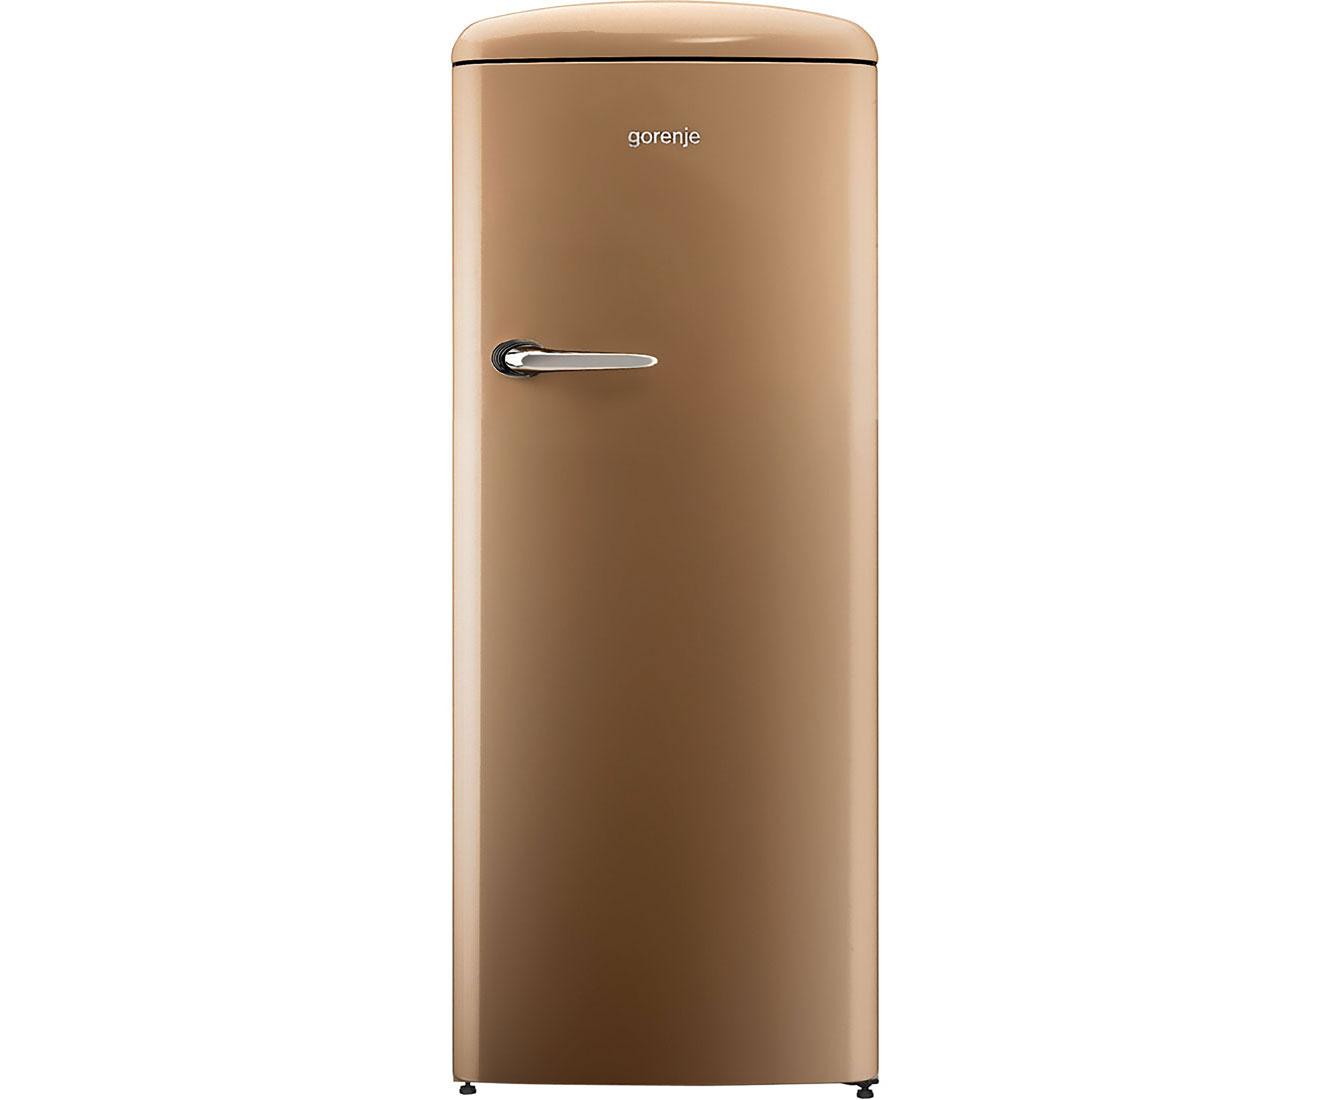 Kleiner Vintage Kühlschrank : Retro kühlschrank mit gefrierfach smeg kühlschrank creme